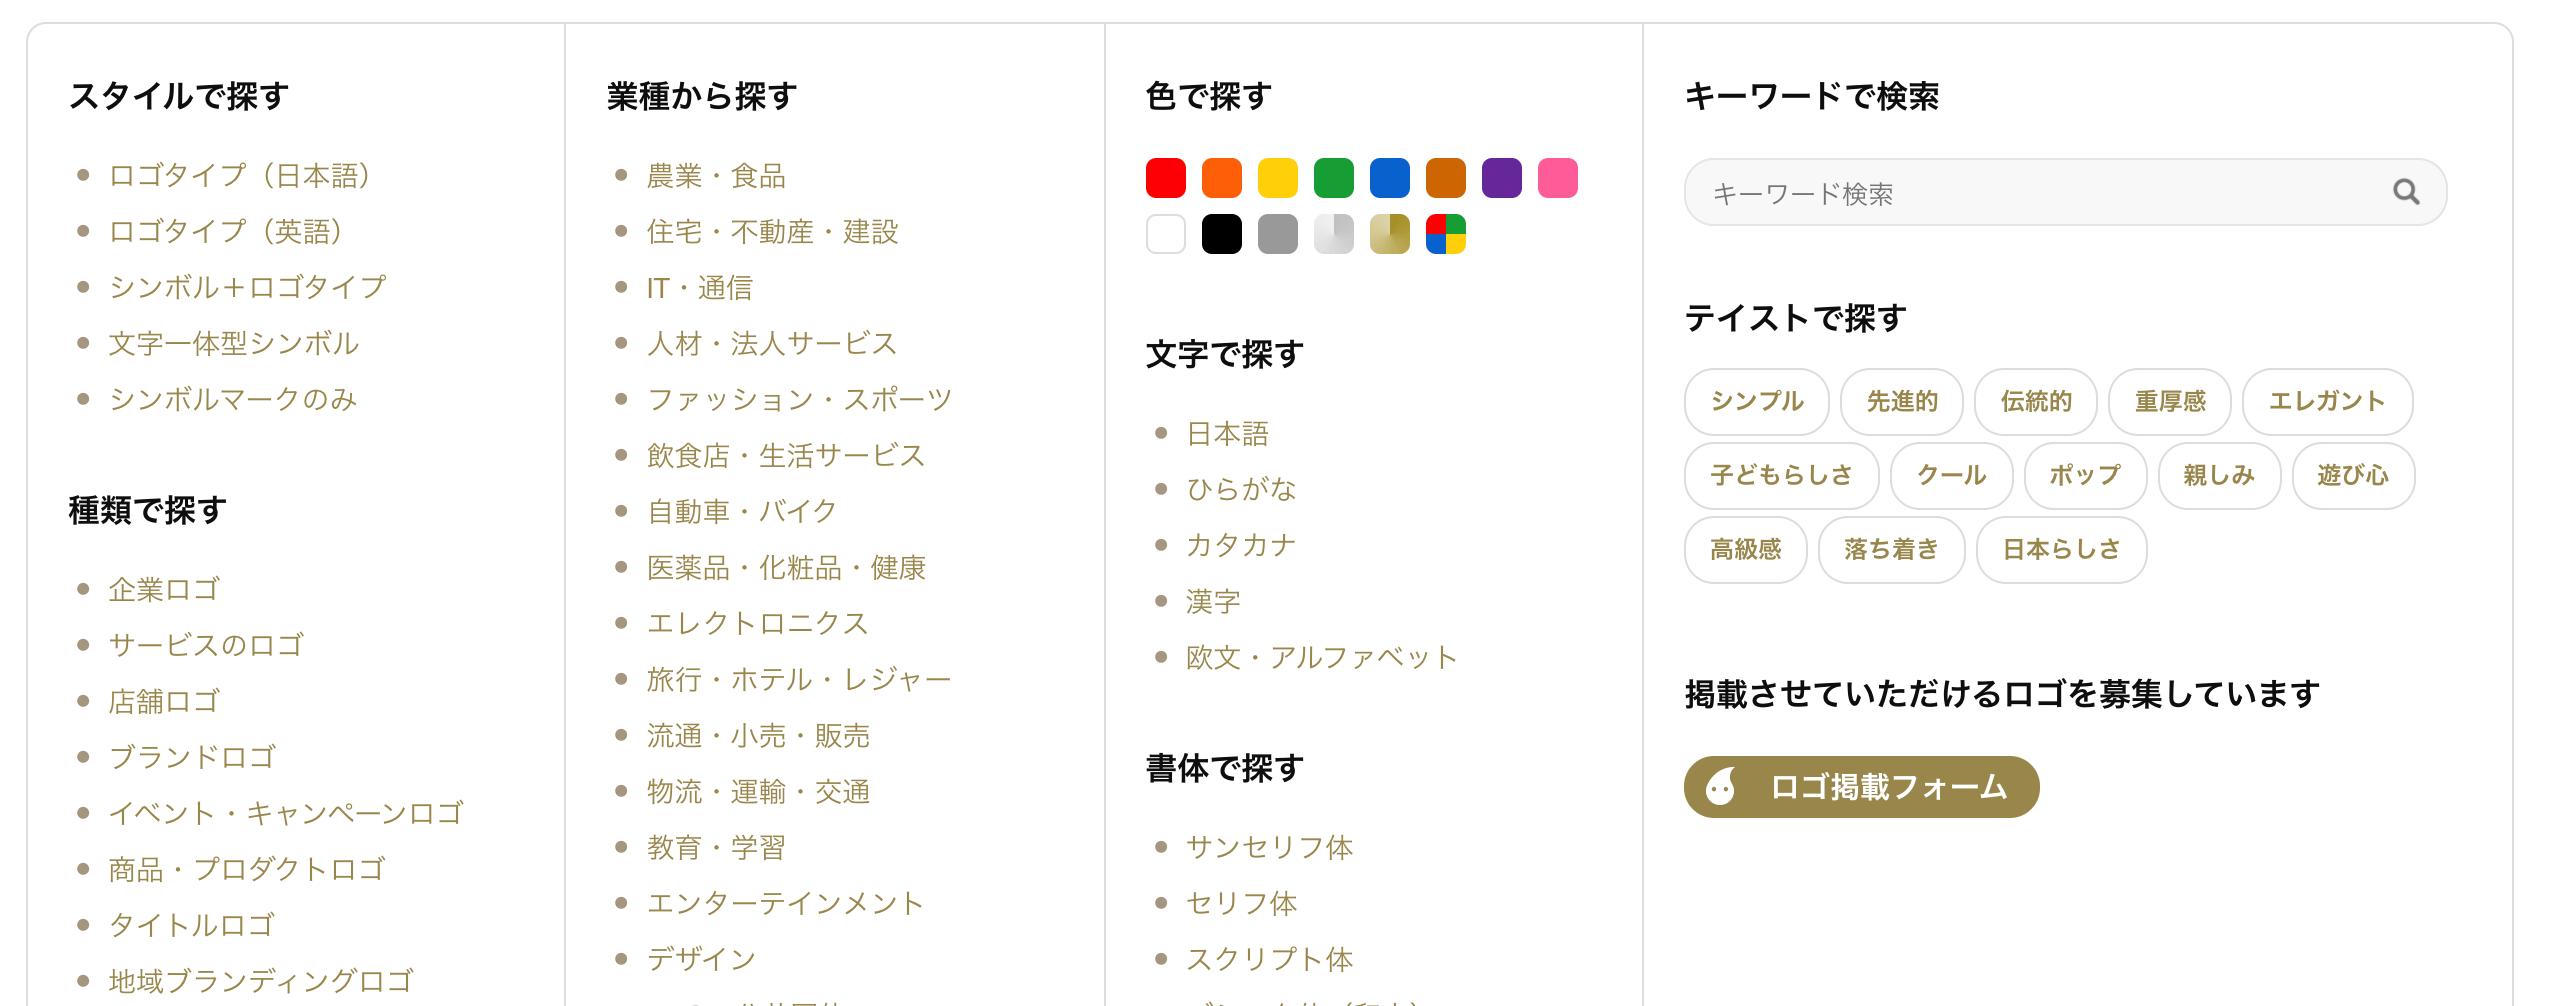 ロゴストック - 条件検索